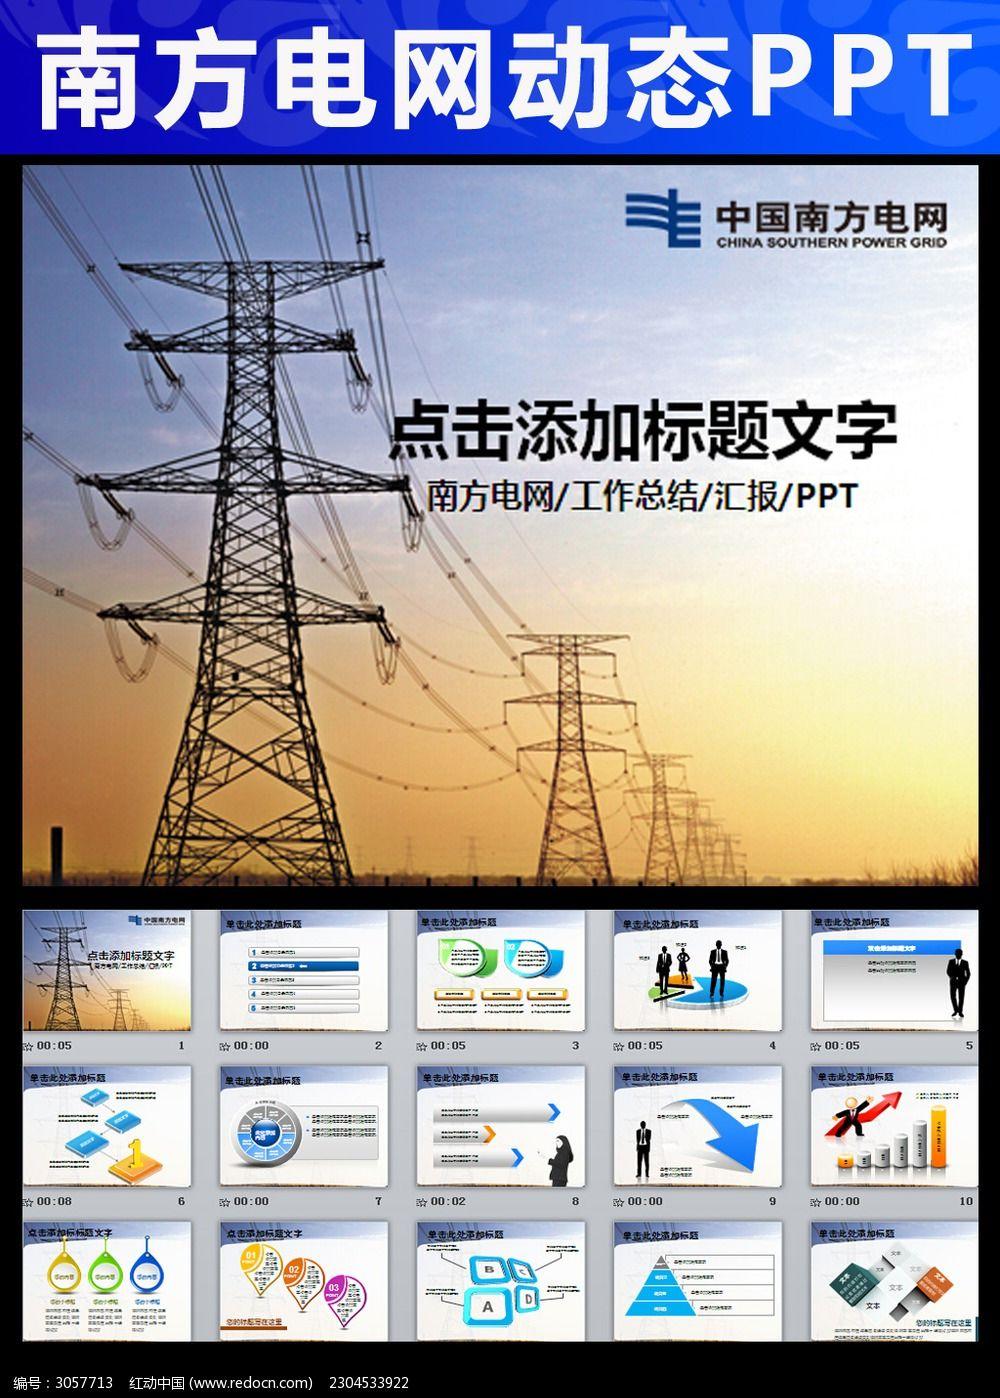 南方电网安全经验分享ppt模板pptx素材下载_工业生产